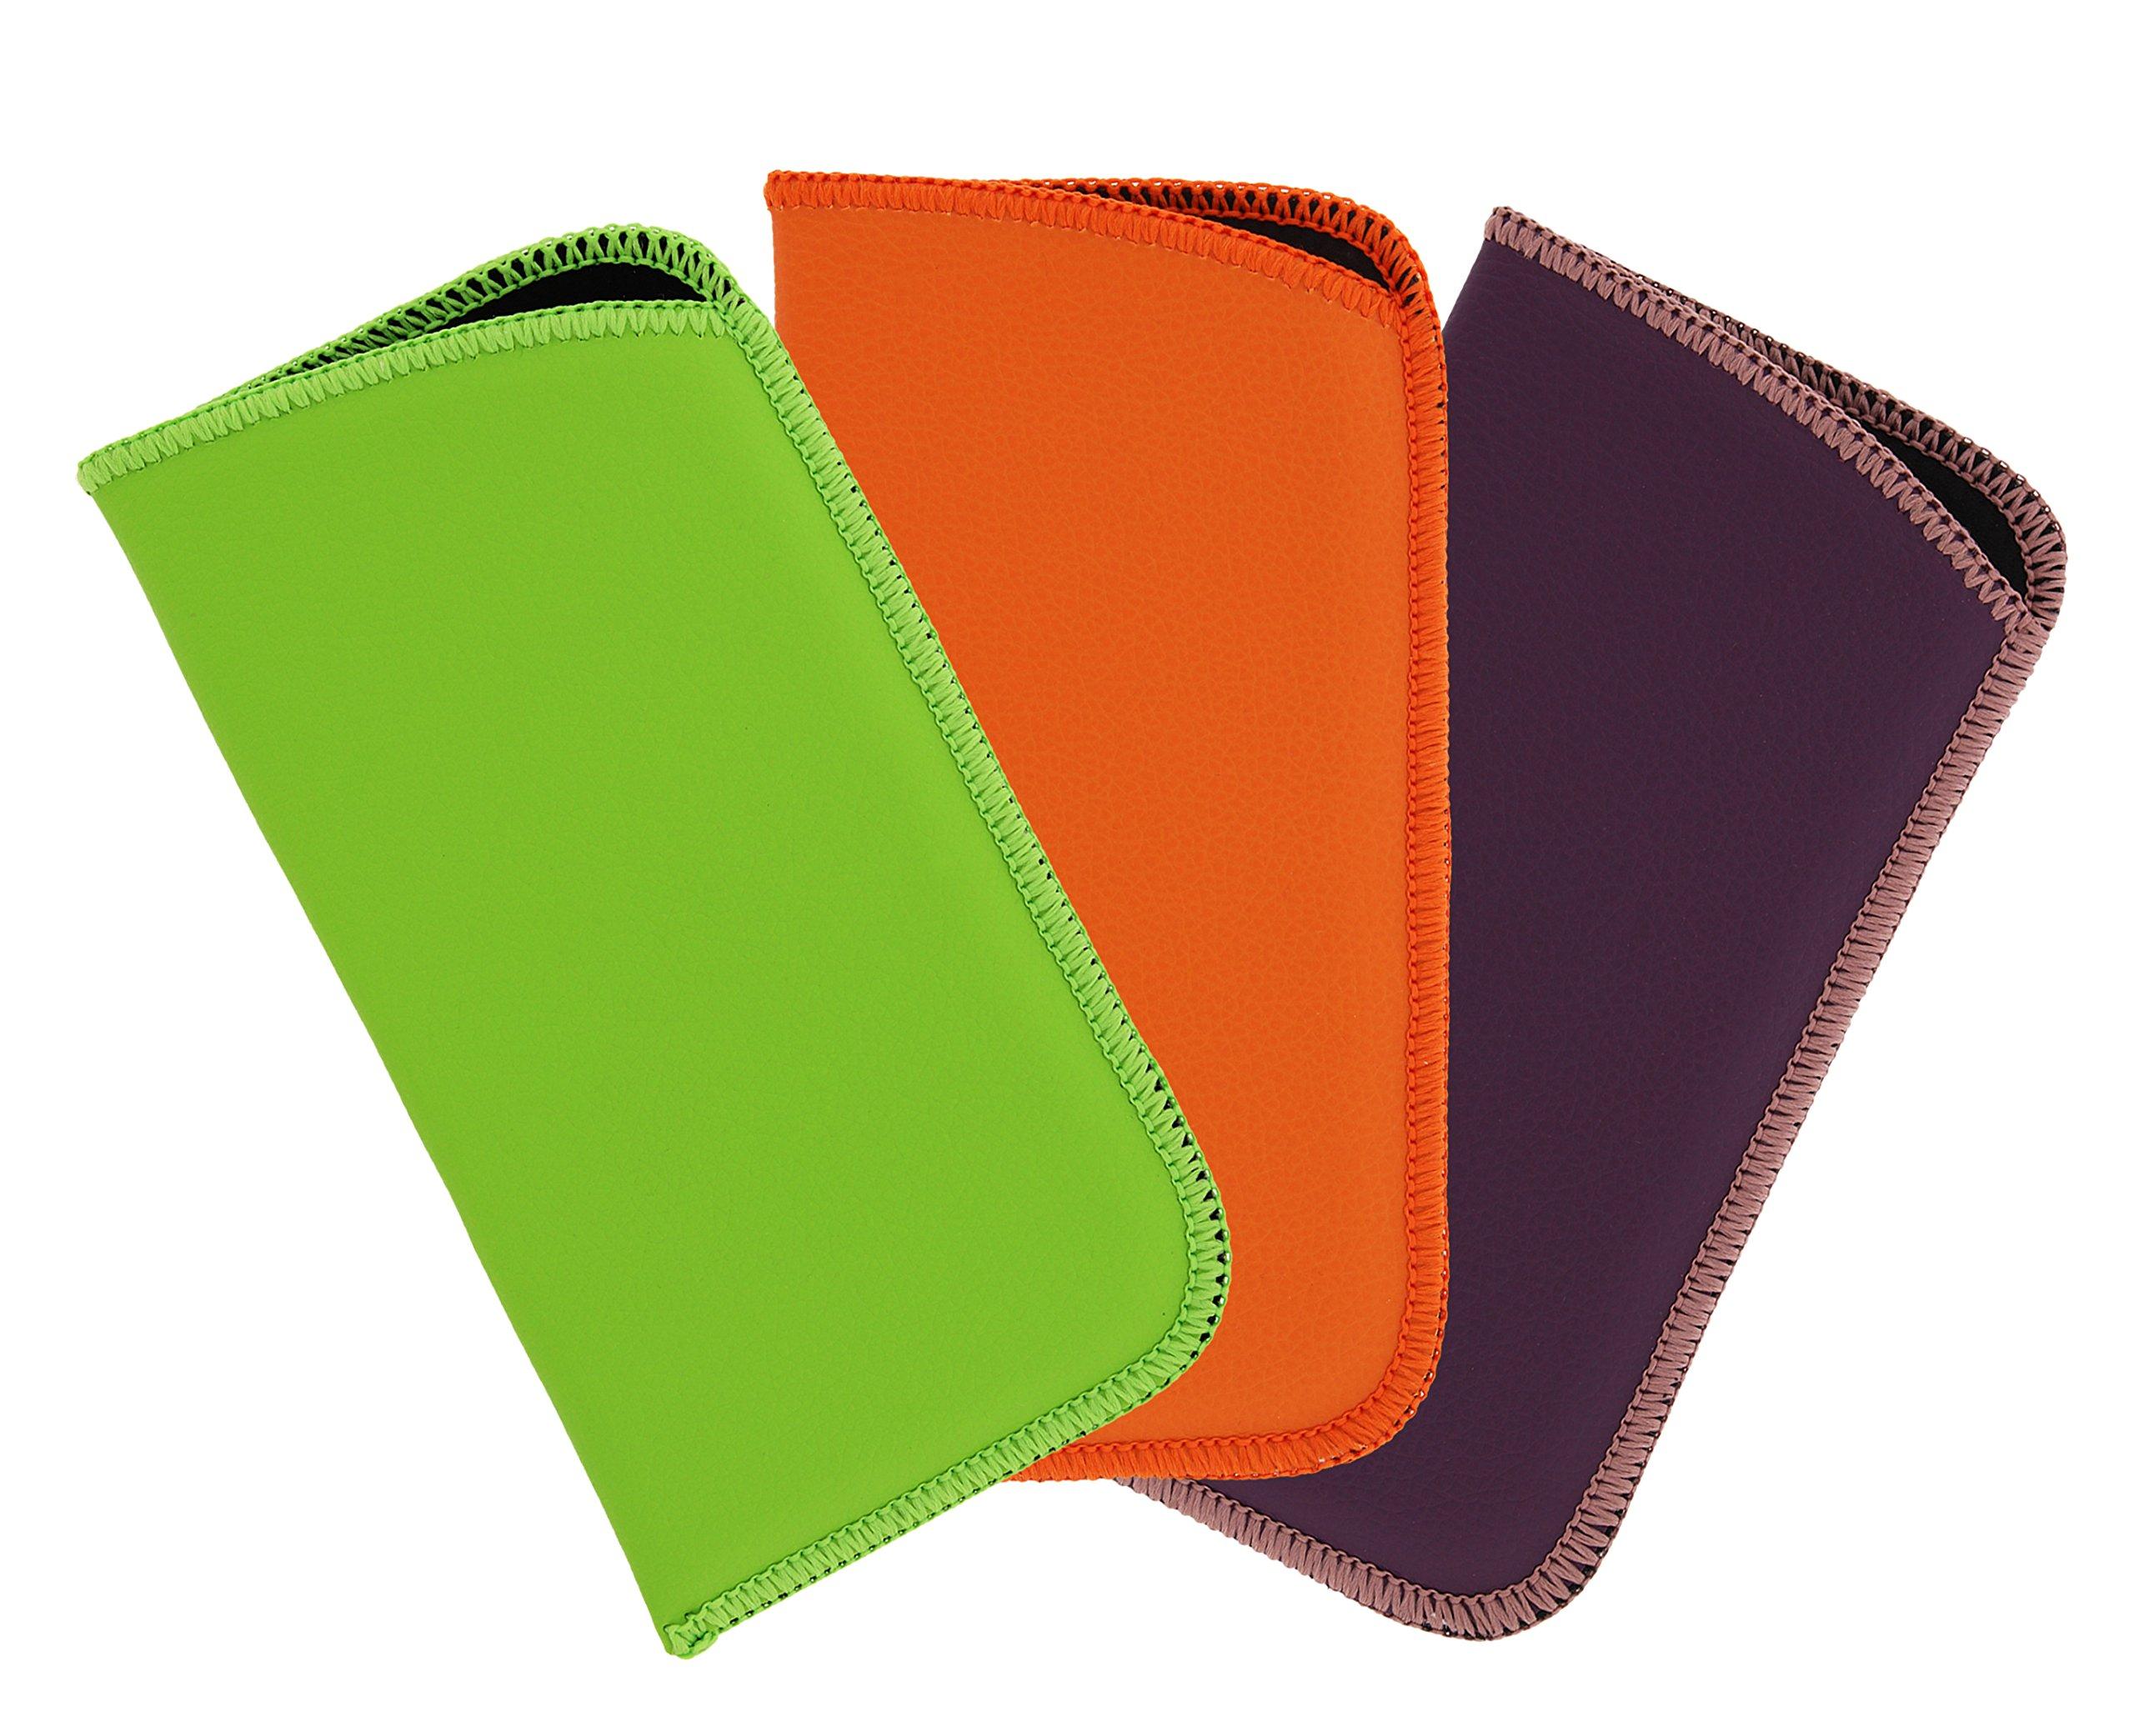 3 Pack Faux Leather Soft Slip In Eyeglass Case For Women & Men, Green/Orange/Purple